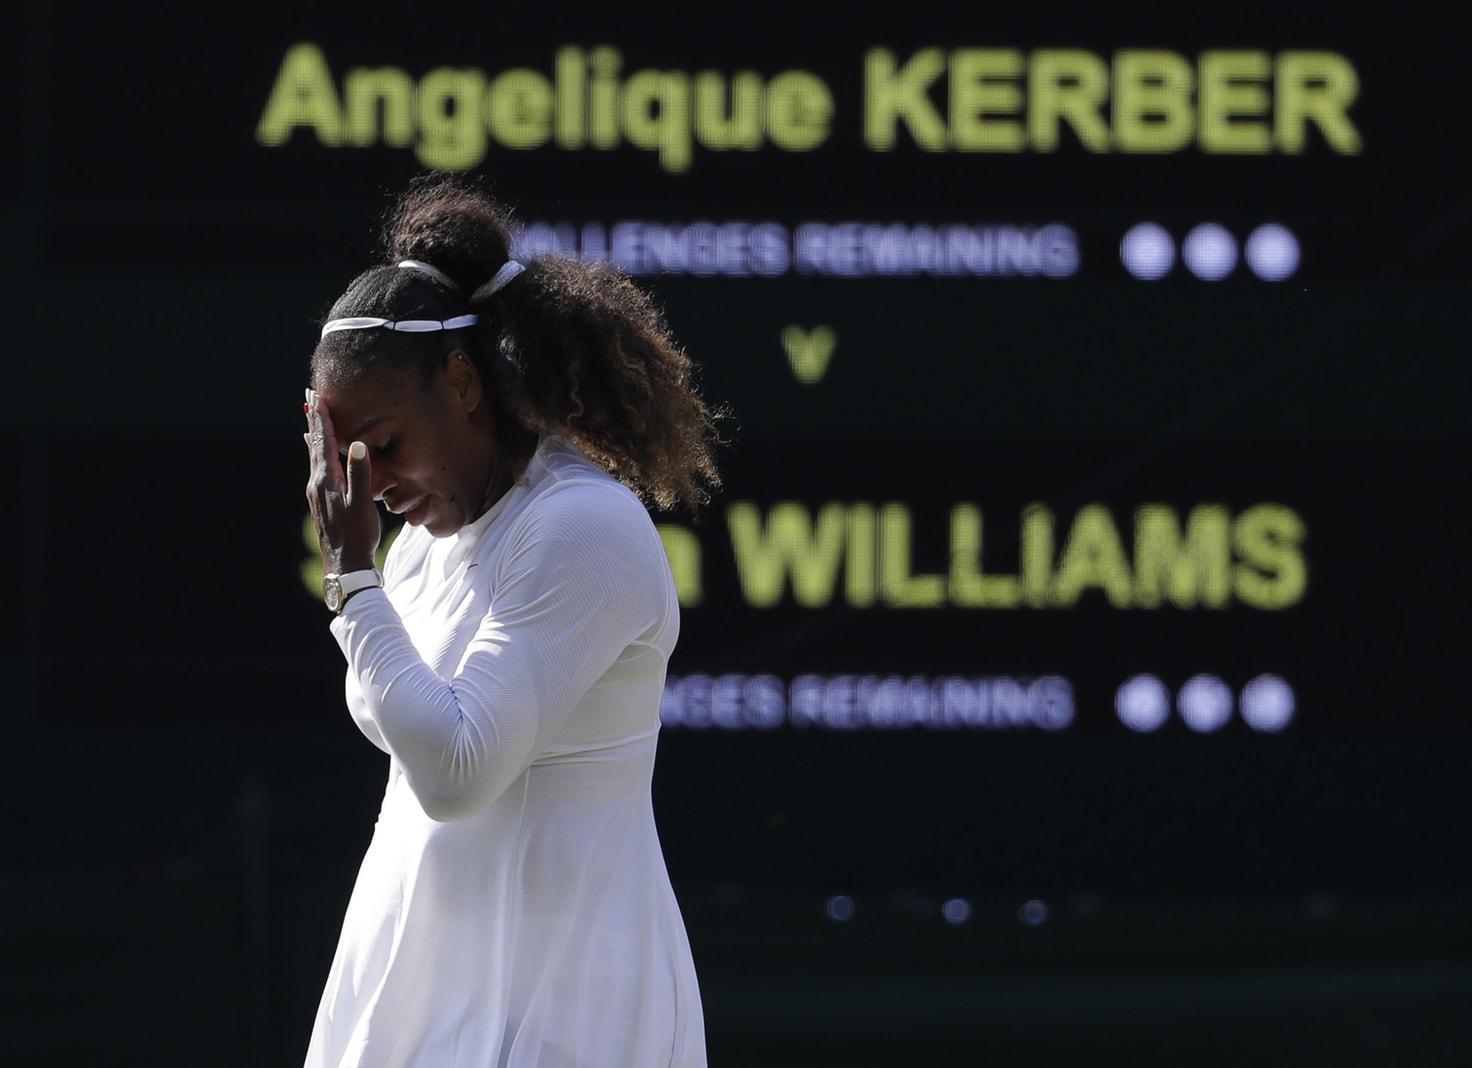 <p>Strahlend tante Deutschlands beste Tennisspielerin mit Novak Djokovic auf der Bühne. Dabei ist die Tradition des Tanzens beim Champions Dinner in Wimbledon eigentlich schon lange abgeschafft.</p> Foto: dpa